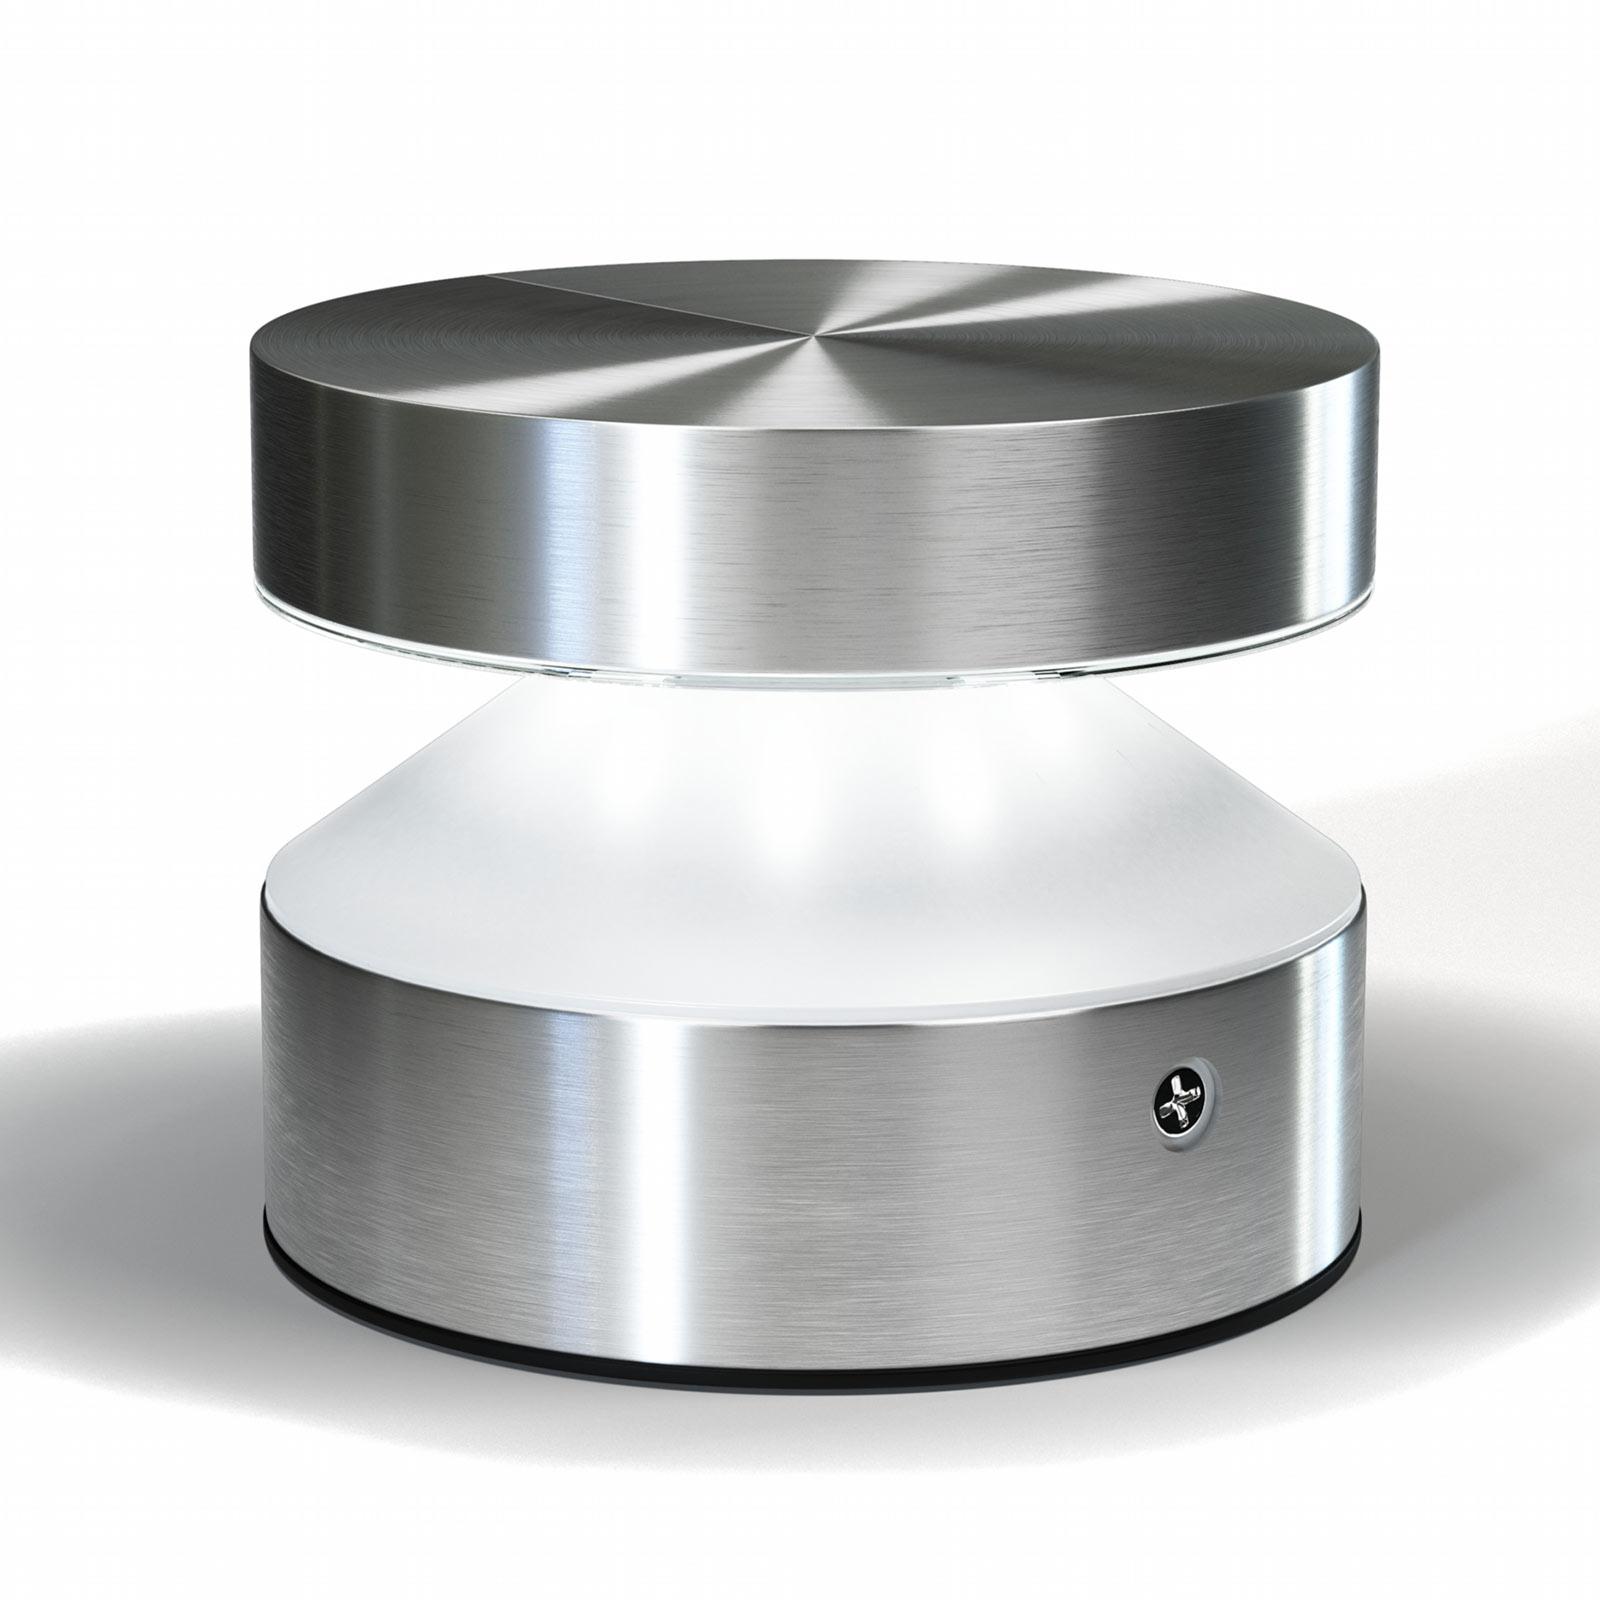 LEDVANCE Endura Style Cylinder LED-Deckenlampe